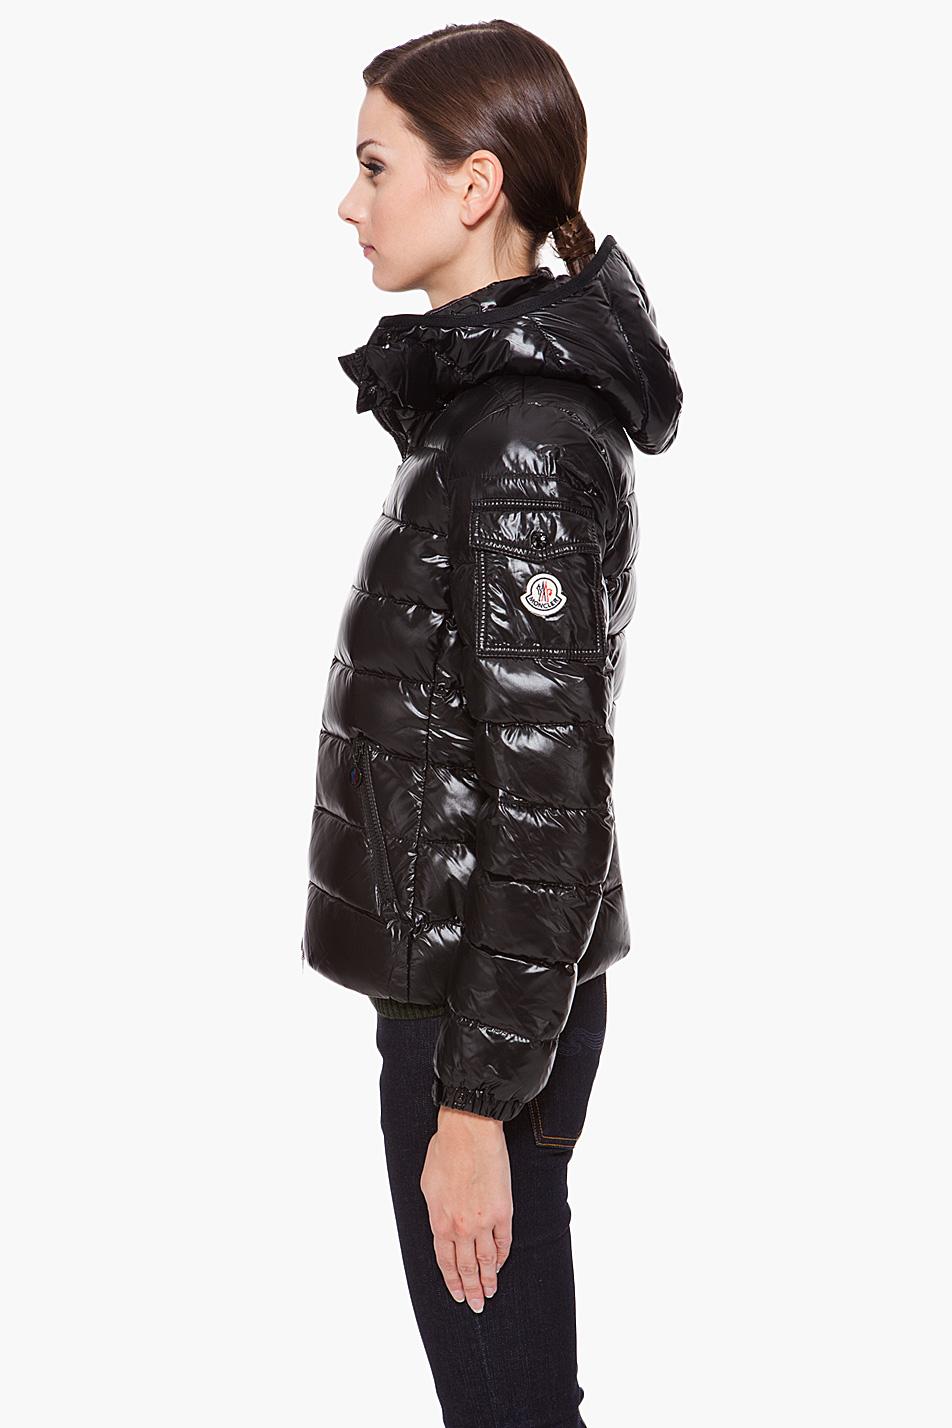 downjacket fashion black moncler bady. Black Bedroom Furniture Sets. Home Design Ideas